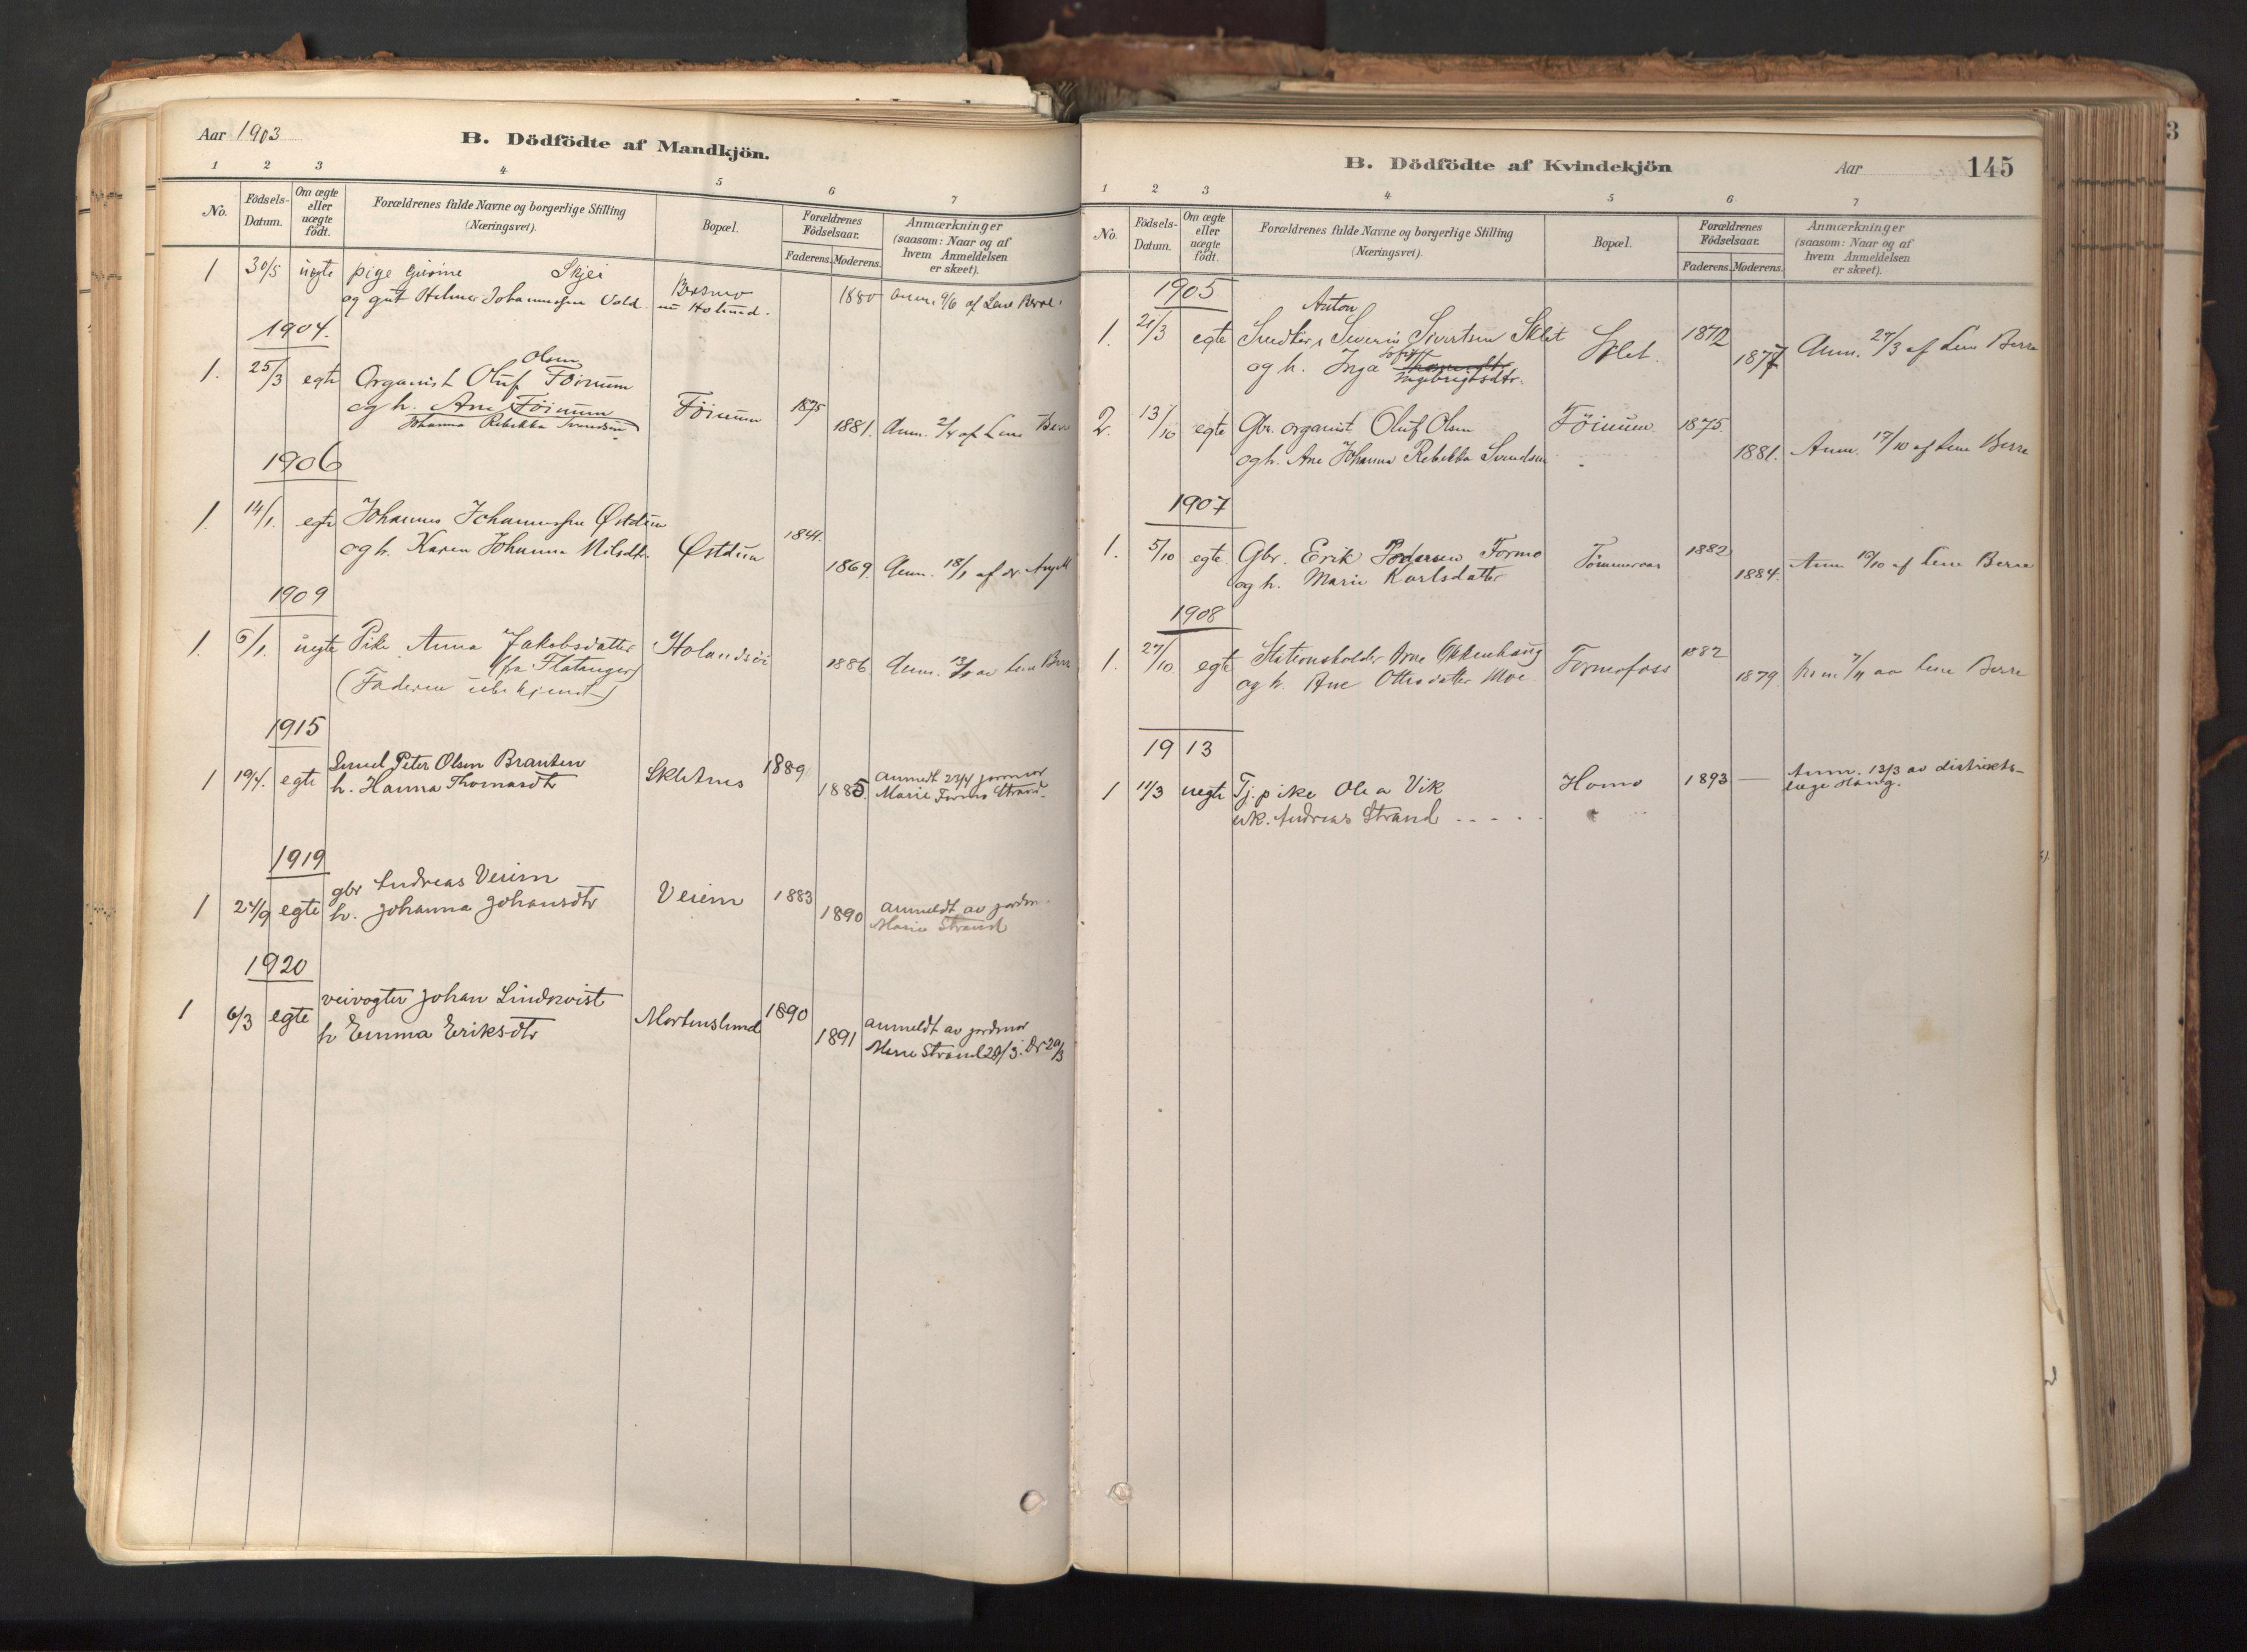 SAT, Ministerialprotokoller, klokkerbøker og fødselsregistre - Nord-Trøndelag, 758/L0519: Ministerialbok nr. 758A04, 1880-1926, s. 145